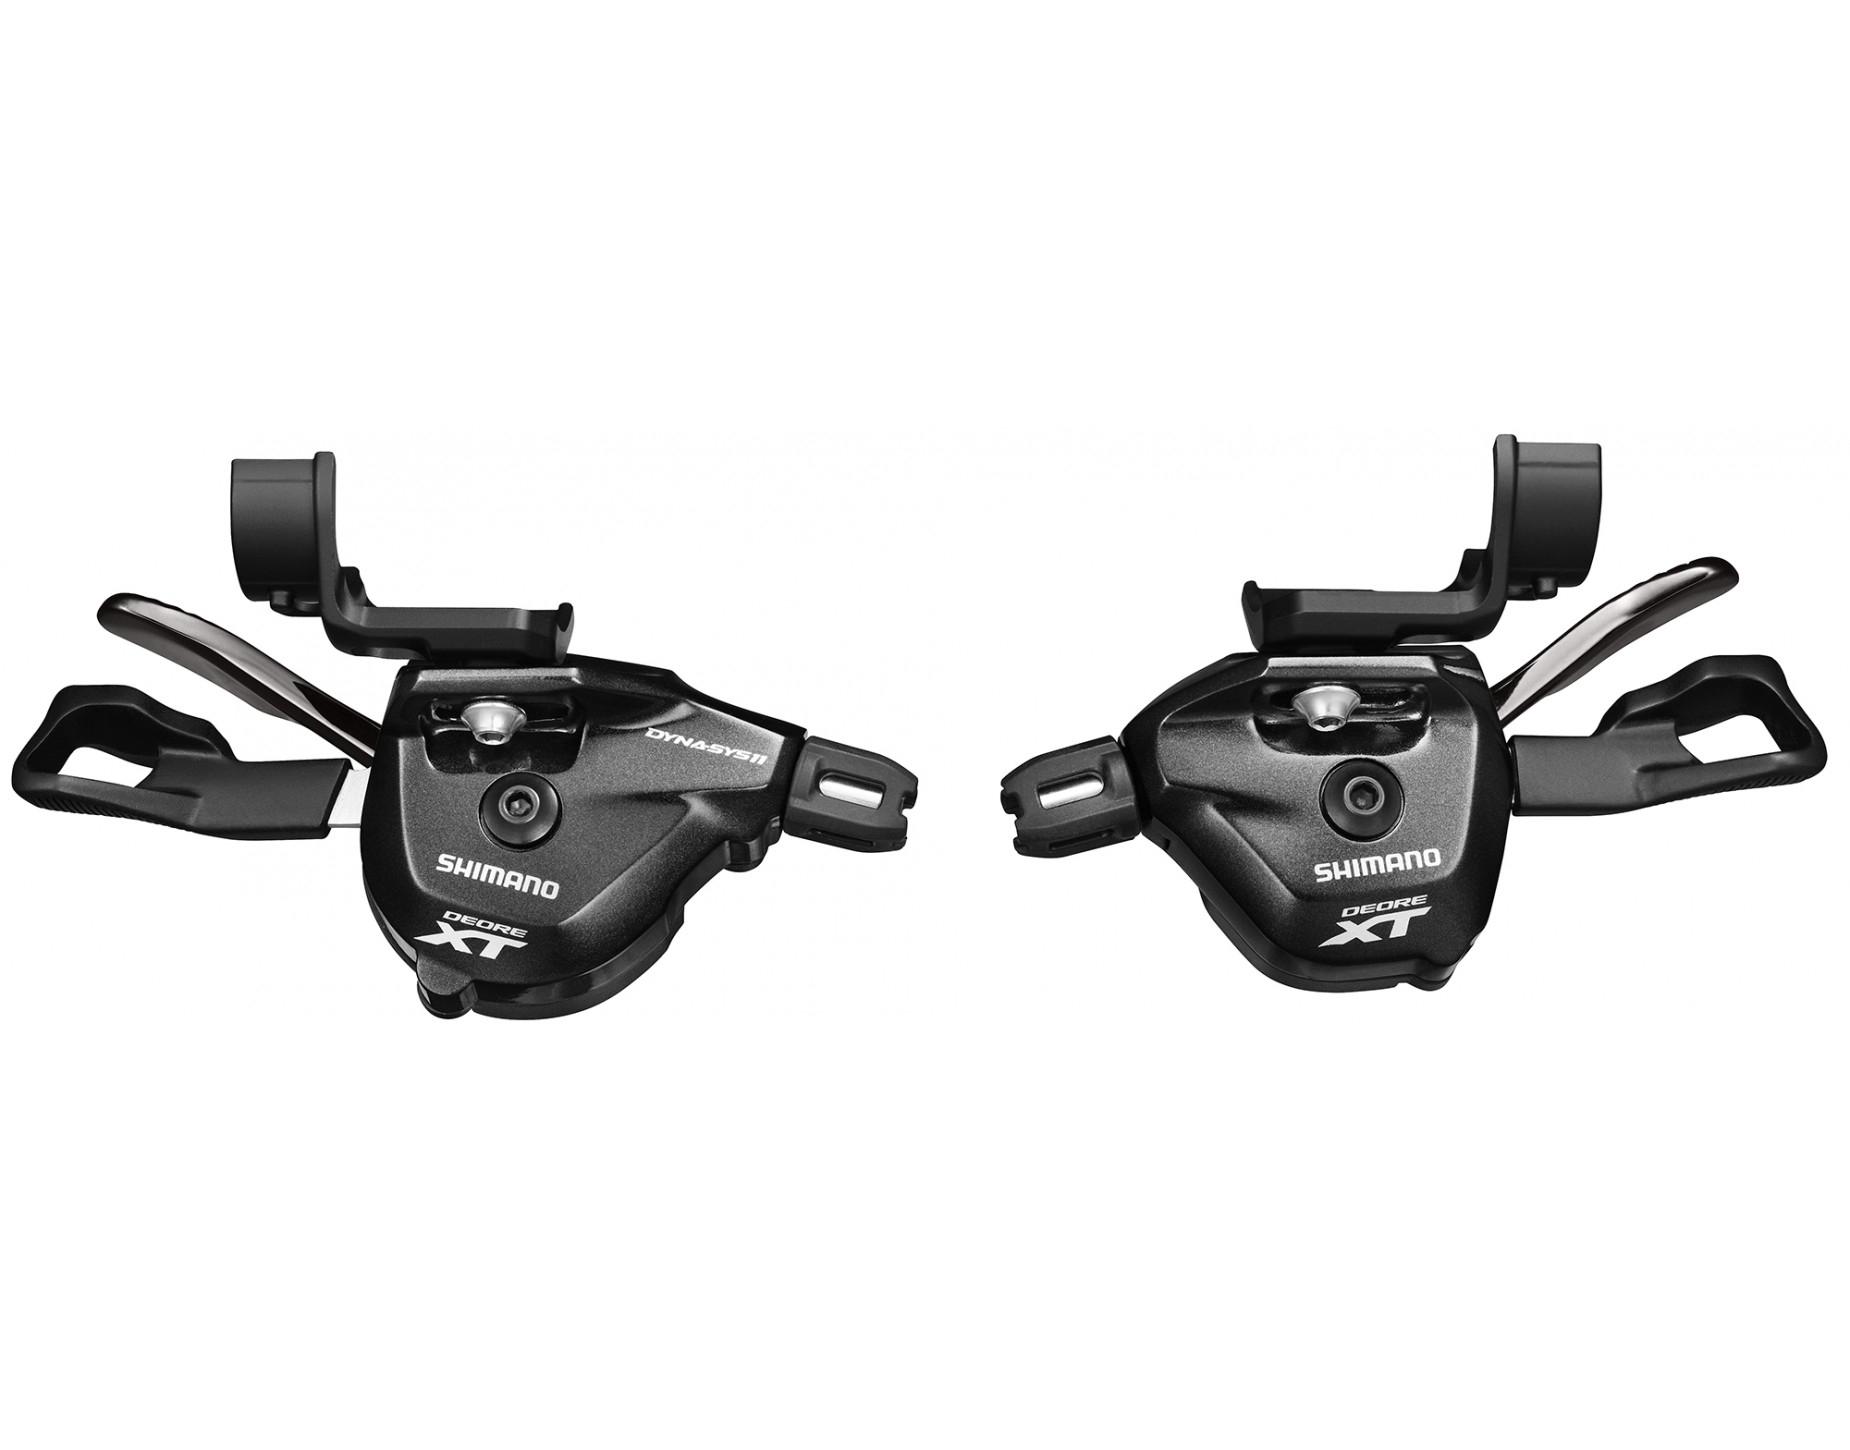 Shimano XT-Teile im Angebot, z.B. SL-M8000 i-Spec II Schalthebel 2/3 | 11 Fach für 50€ statt 80€ [RCZ]